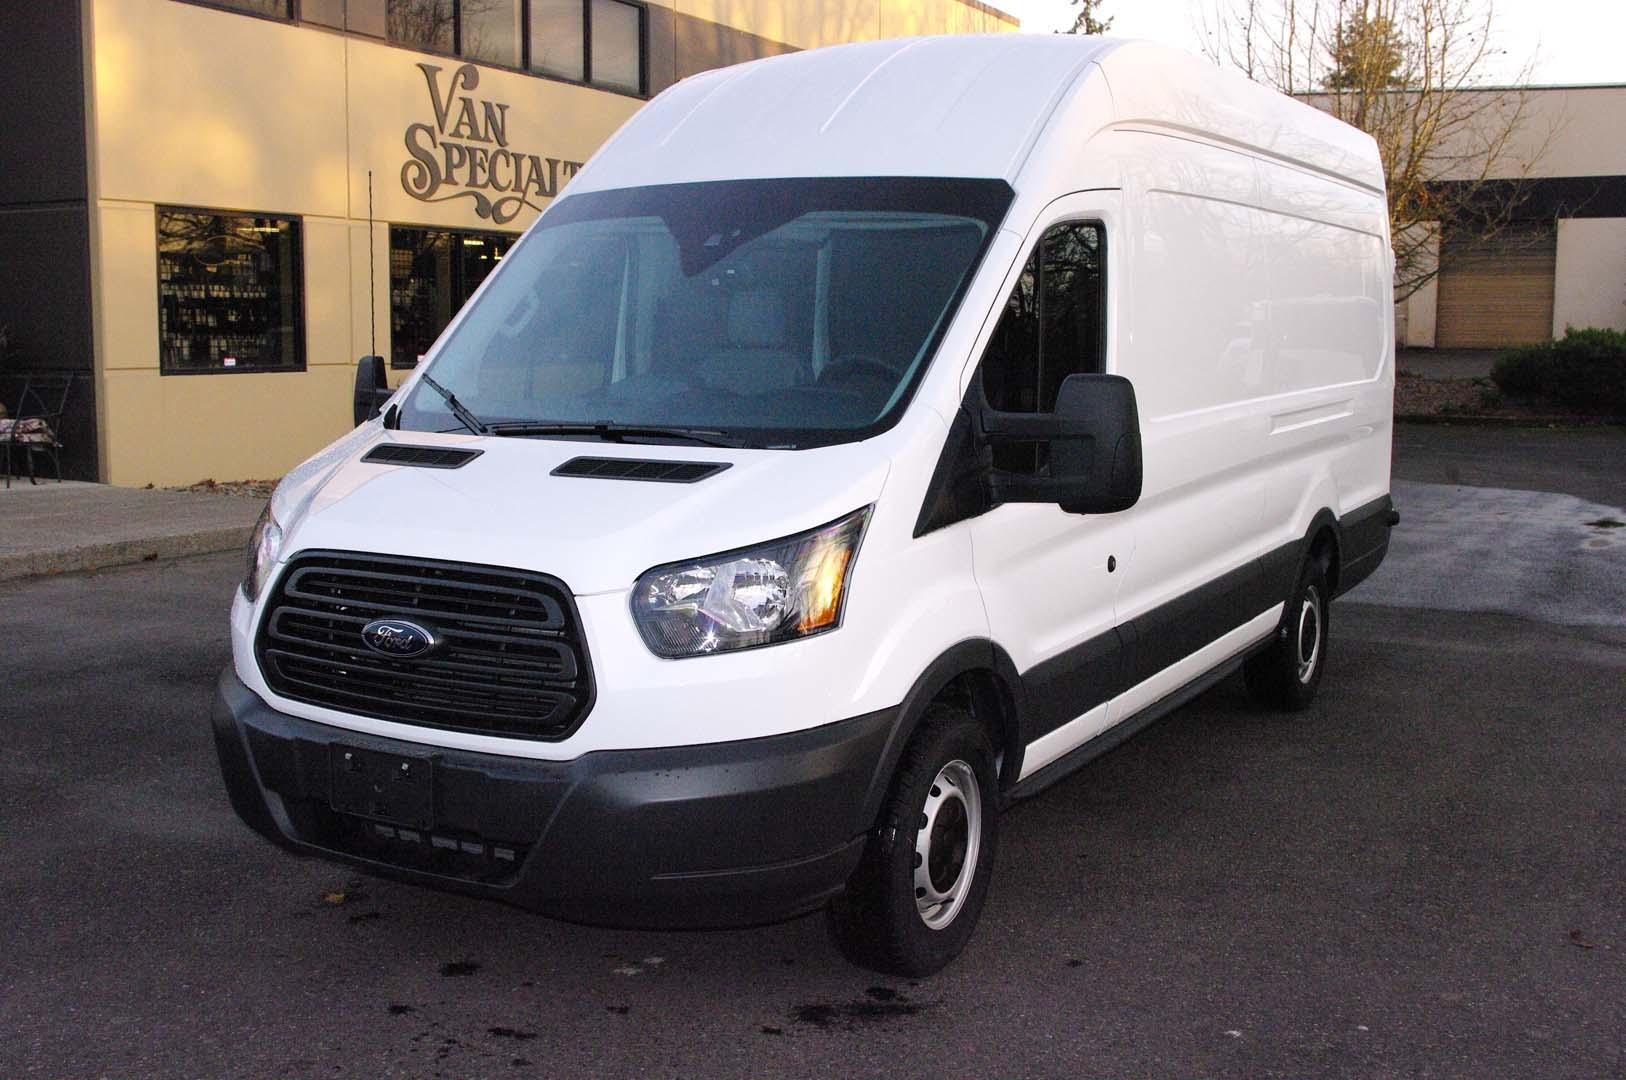 Transit Mx Van Specialties